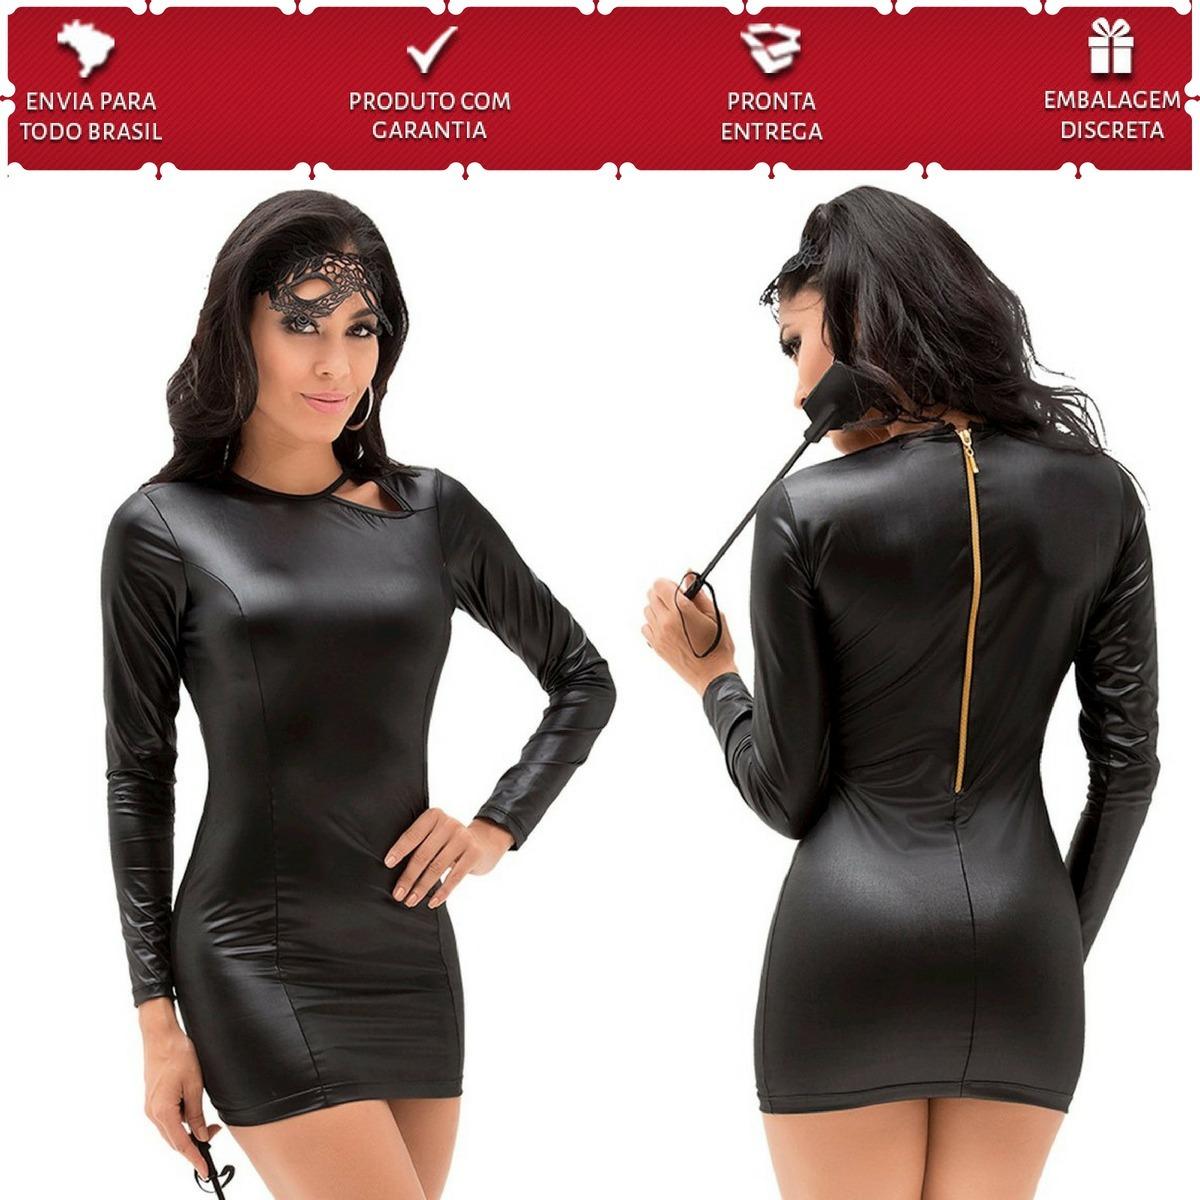 507cf18d0 lingerie fantasia dama da noite sensual oferta frete grátis. Carregando  zoom.